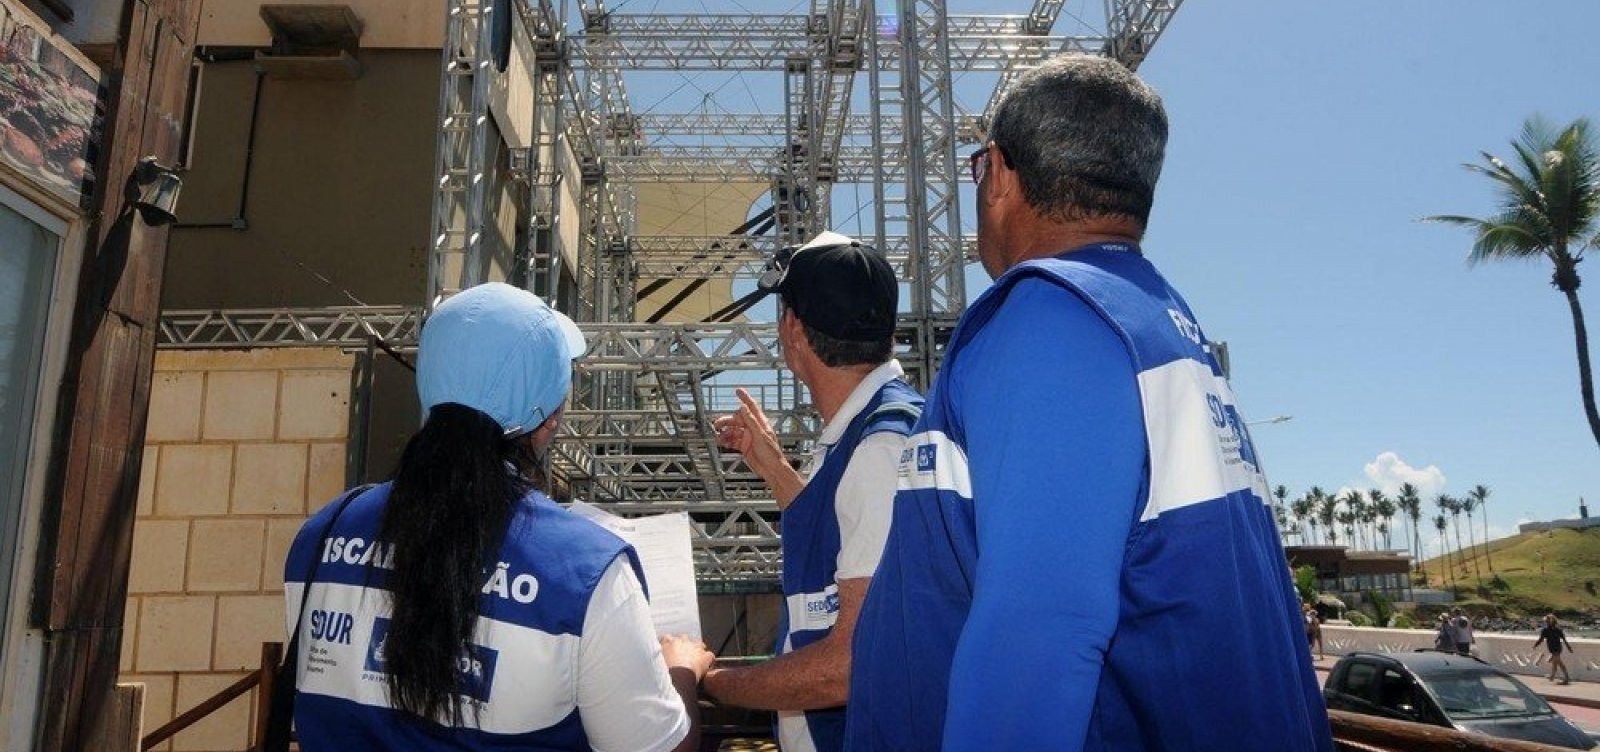 [Terminam amanhã inscrições de processo seletivo para atuar no Carnaval de Salvador 2020]